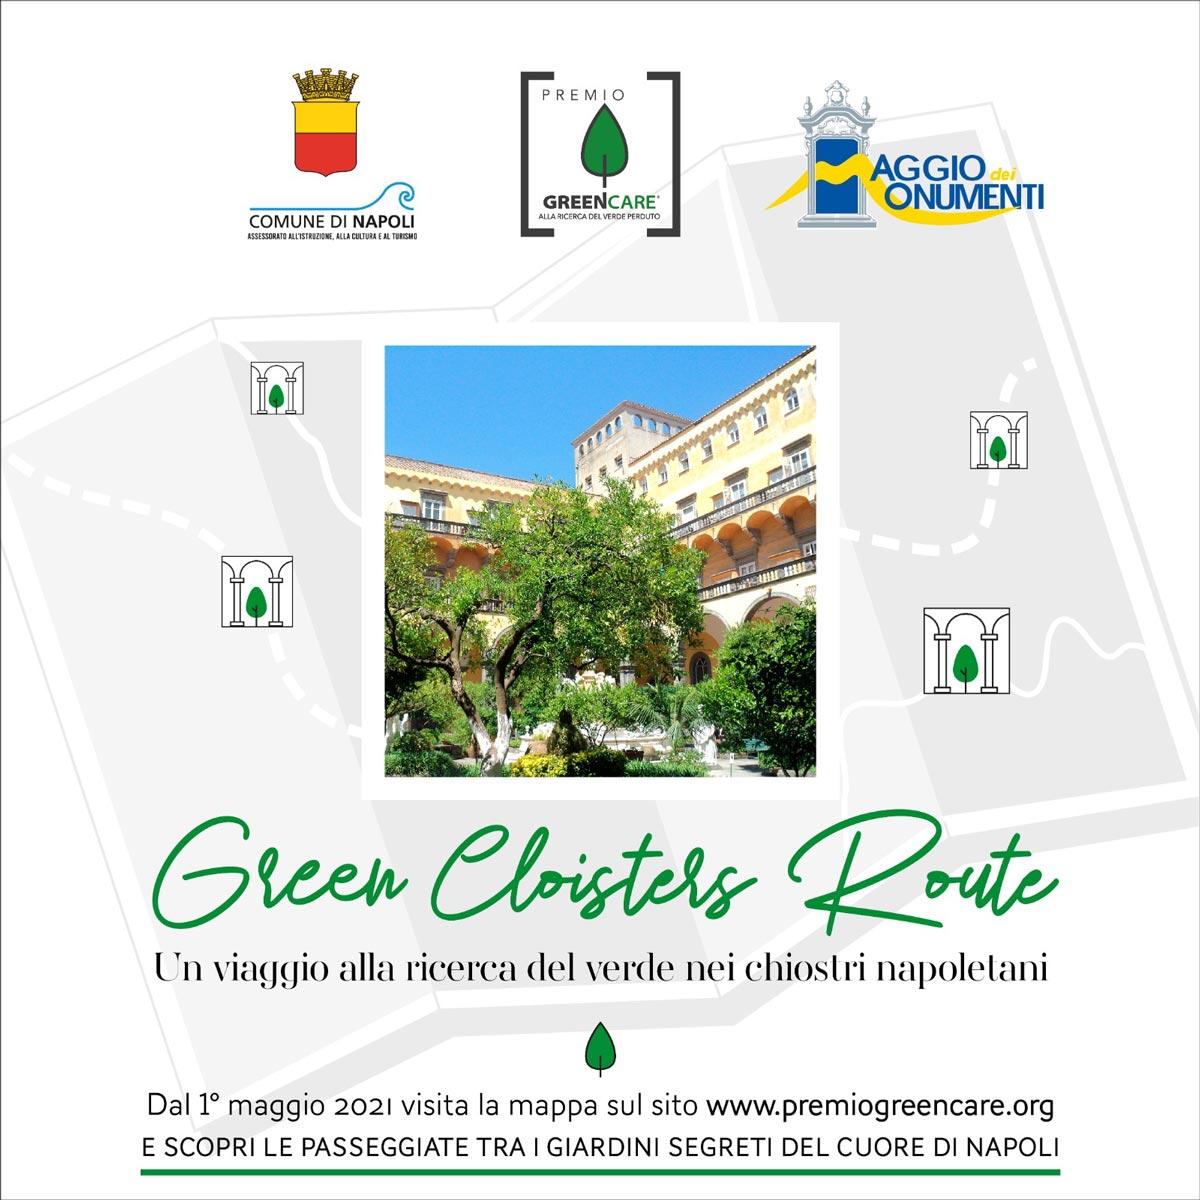 Green Cloisters Route - Un viaggio alla ricerca del verde nei chiostri napoletani